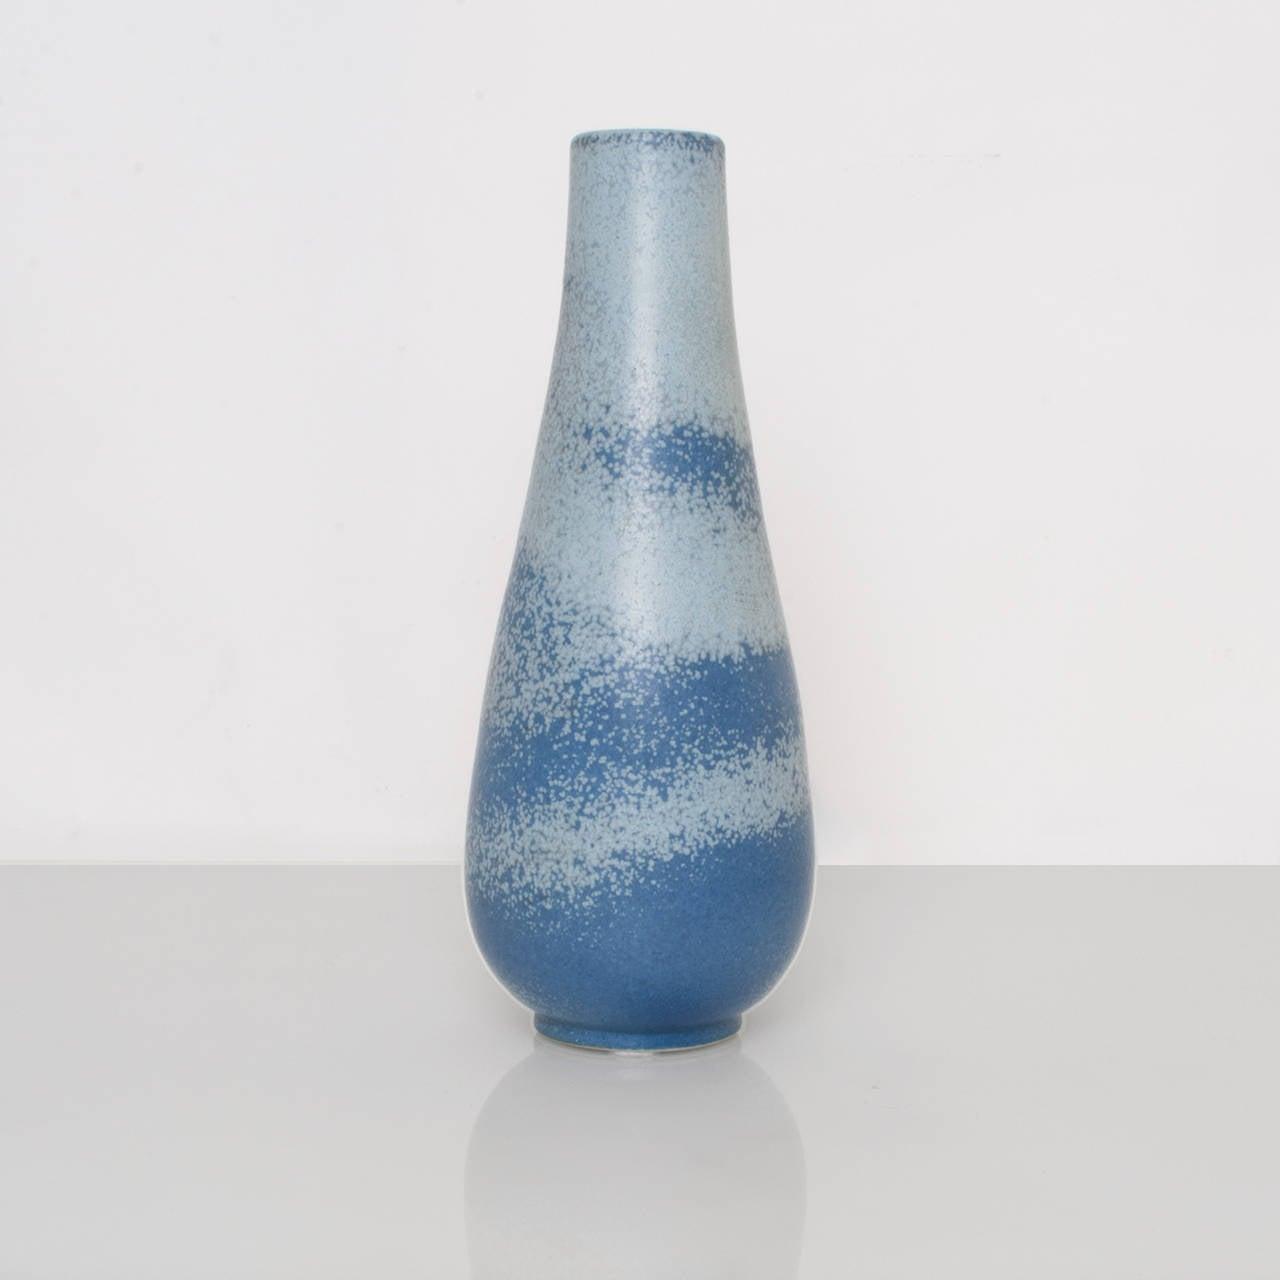 Scandinavian modern ceramic vase in light and dark blue by gunnar scandinavian modern ceramic vase in light and dark blue glaze by gunnar nylund for rorstrand reviewsmspy